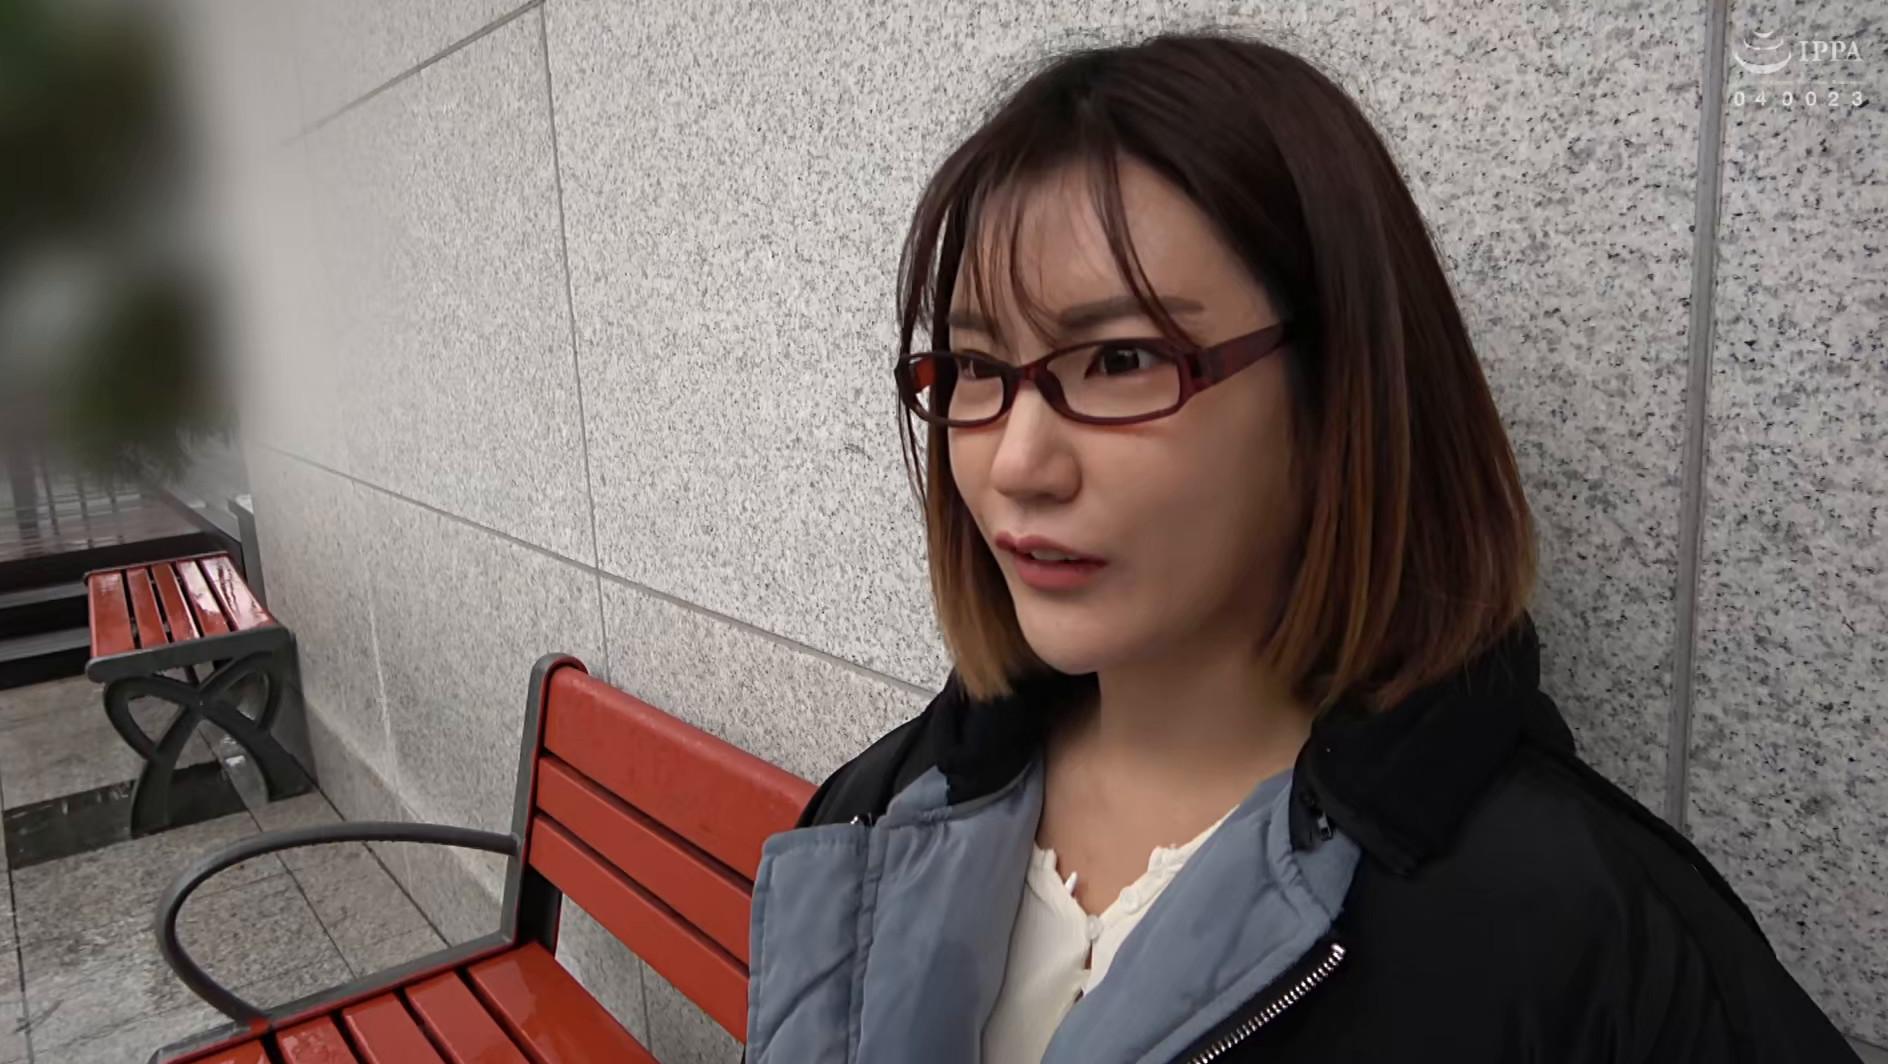 韓国で見つけた雨の中で読書する不思議な彼女は、アイドル顔負けのビジュアルと超絶クビレの持ち主!脱がしたパンティの匂いを嗅ぎながらの羞恥プレイでハメ倒す! 画像1